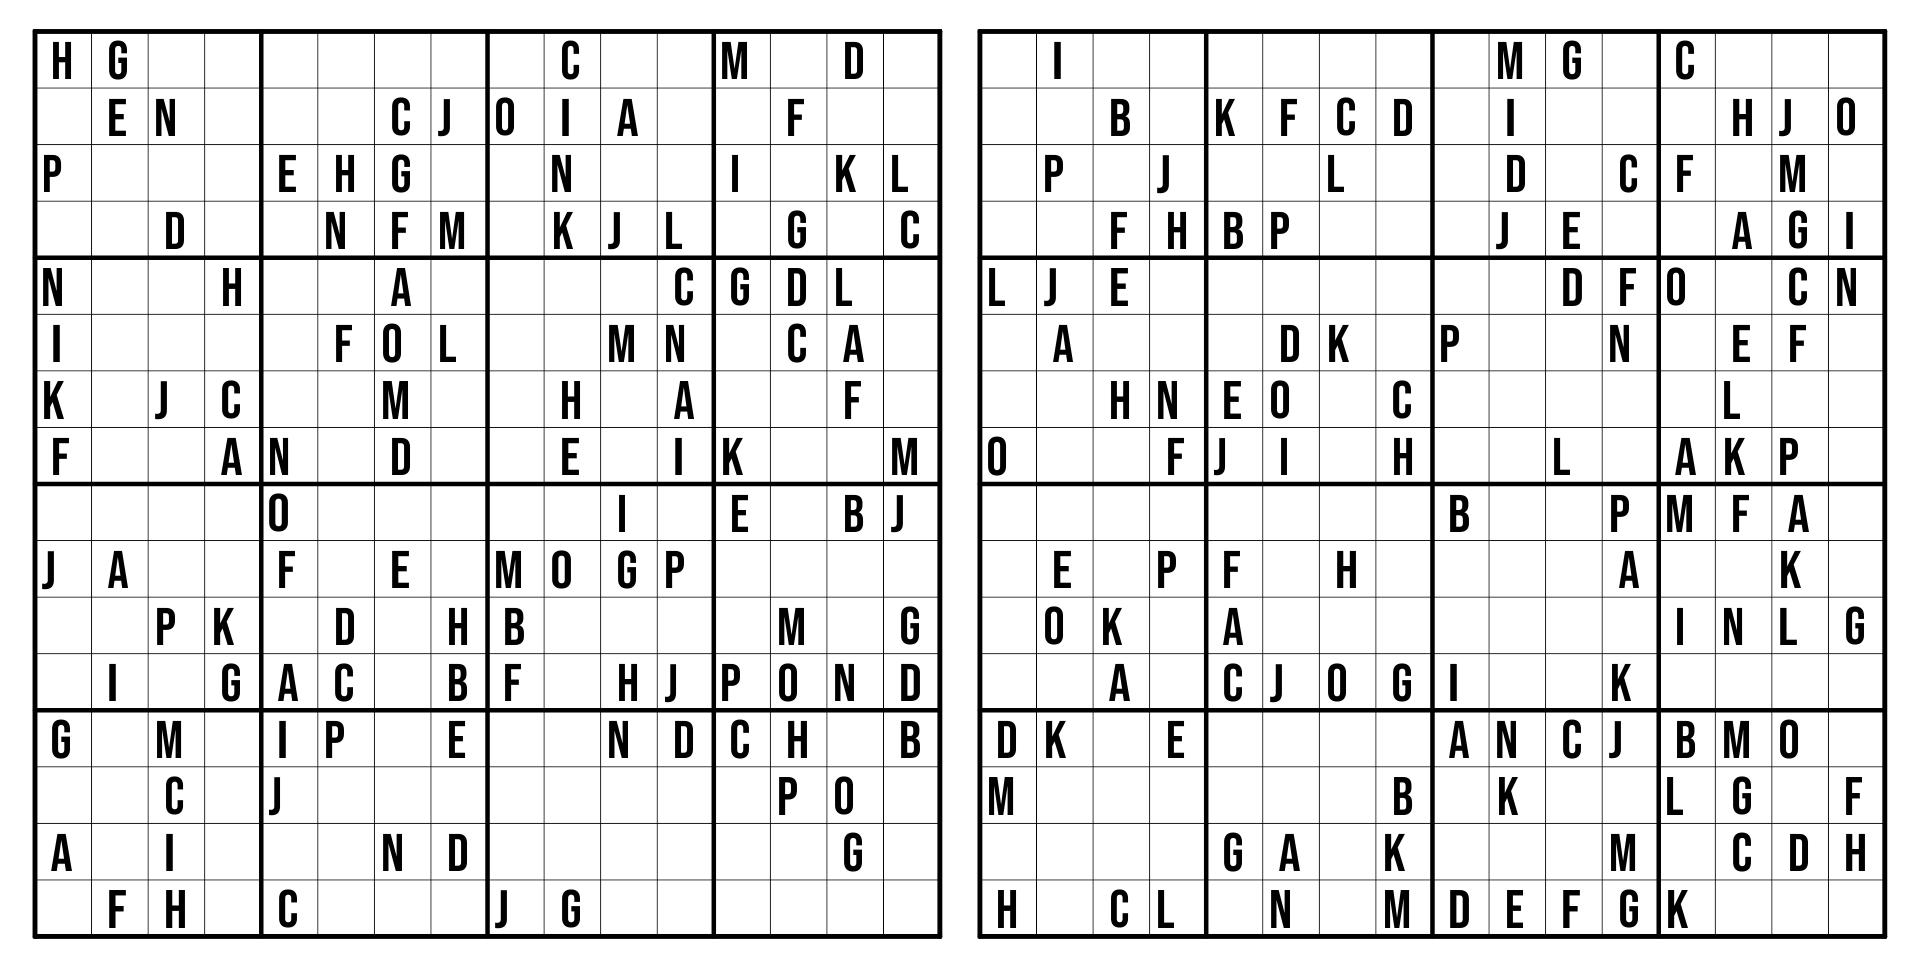 Monster Sudoku 16X16 Printable